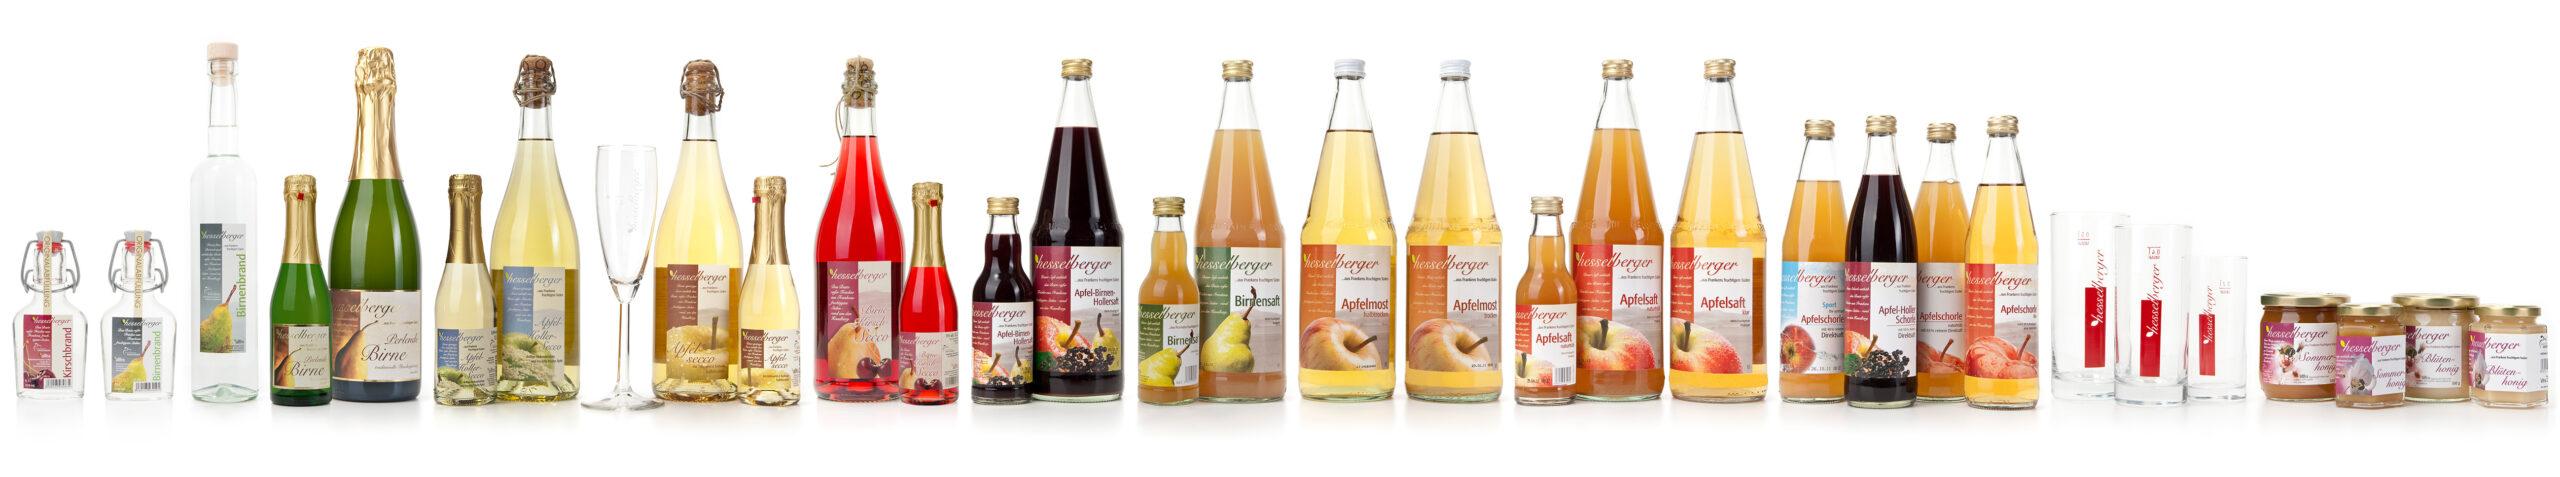 Säfte und alkoholische Getränke in Glasflaschen stehen in einer Reihe vor weißem Hintergrund.